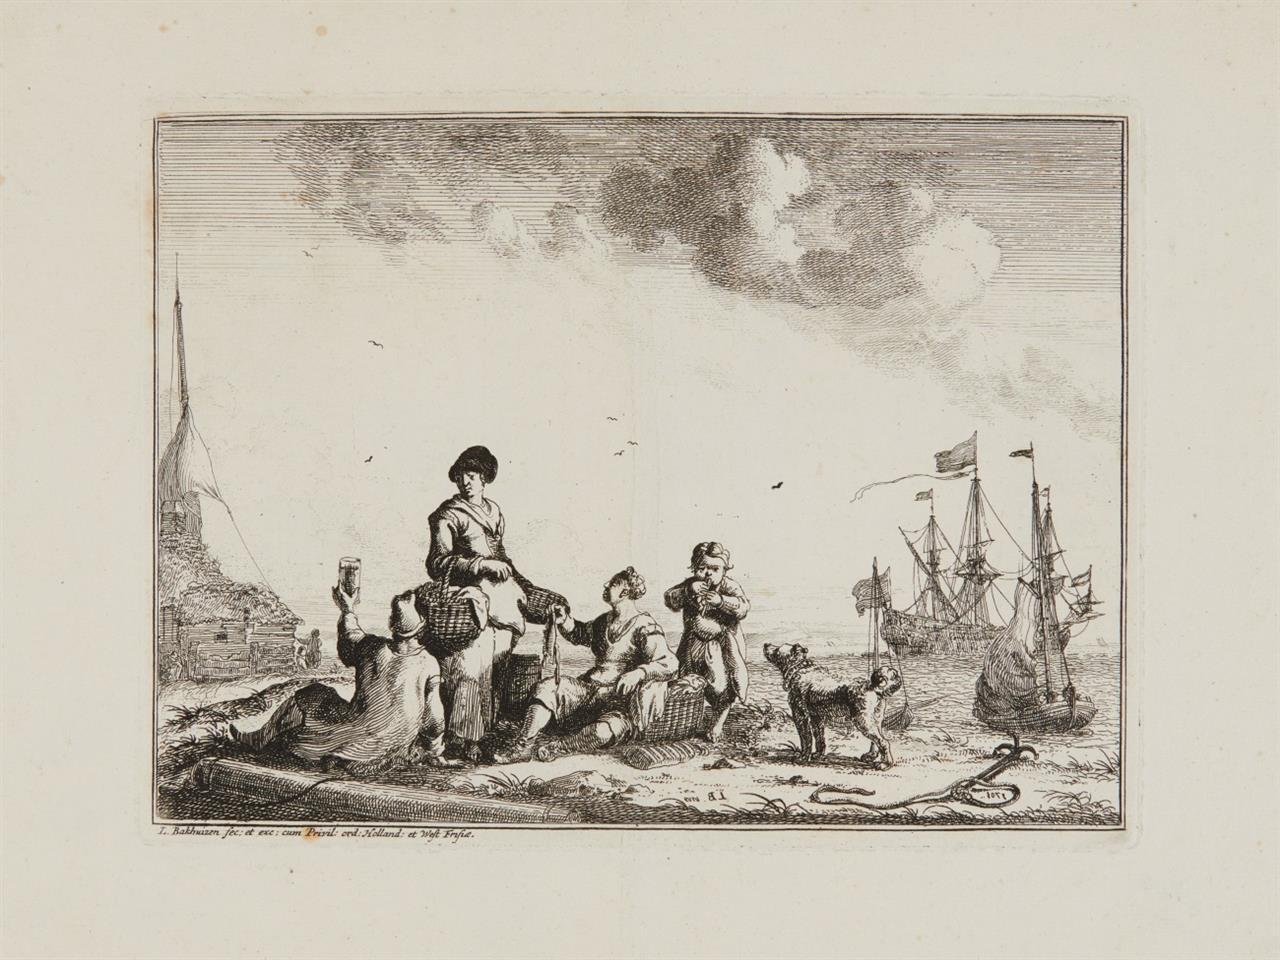 Ludolf Bakhuizen. Rastende Fischer am Meeresstrand. 1707. Radierung. H. 2 III.